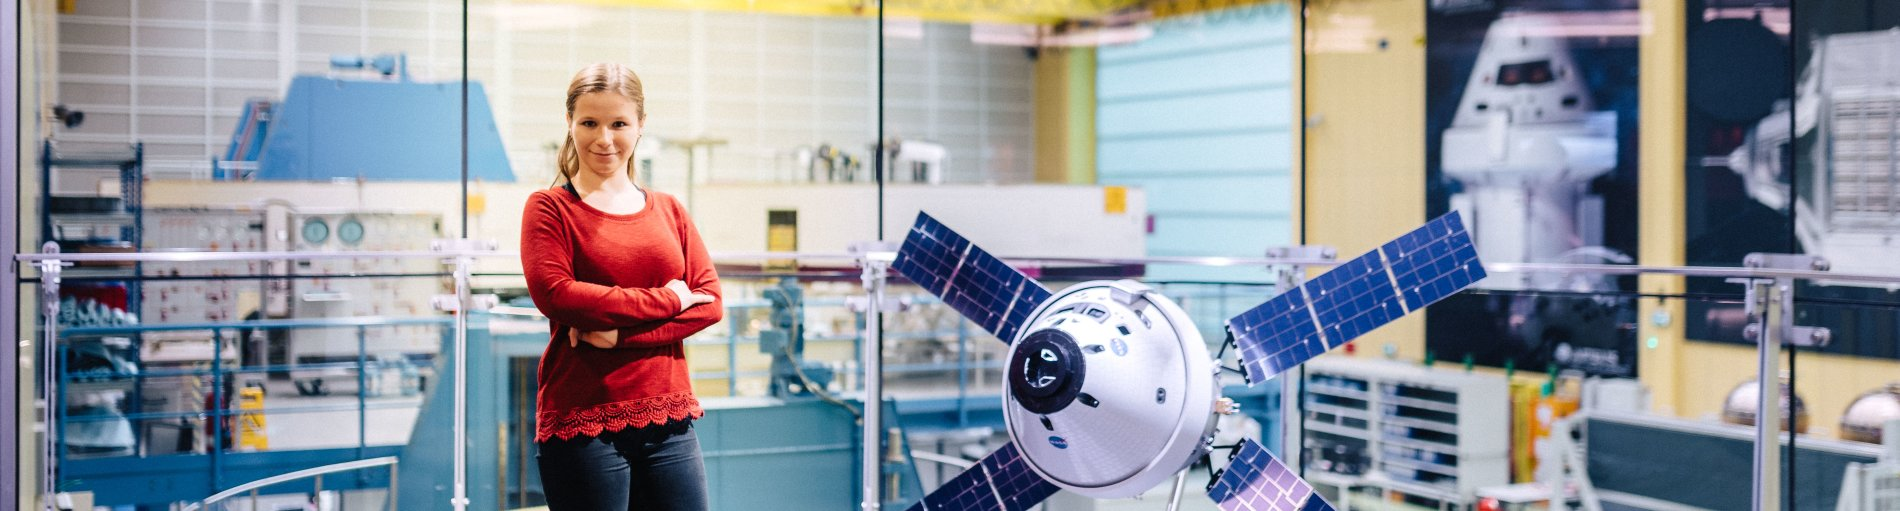 Eine Frau in rotem Pullover steht in einem Labor.